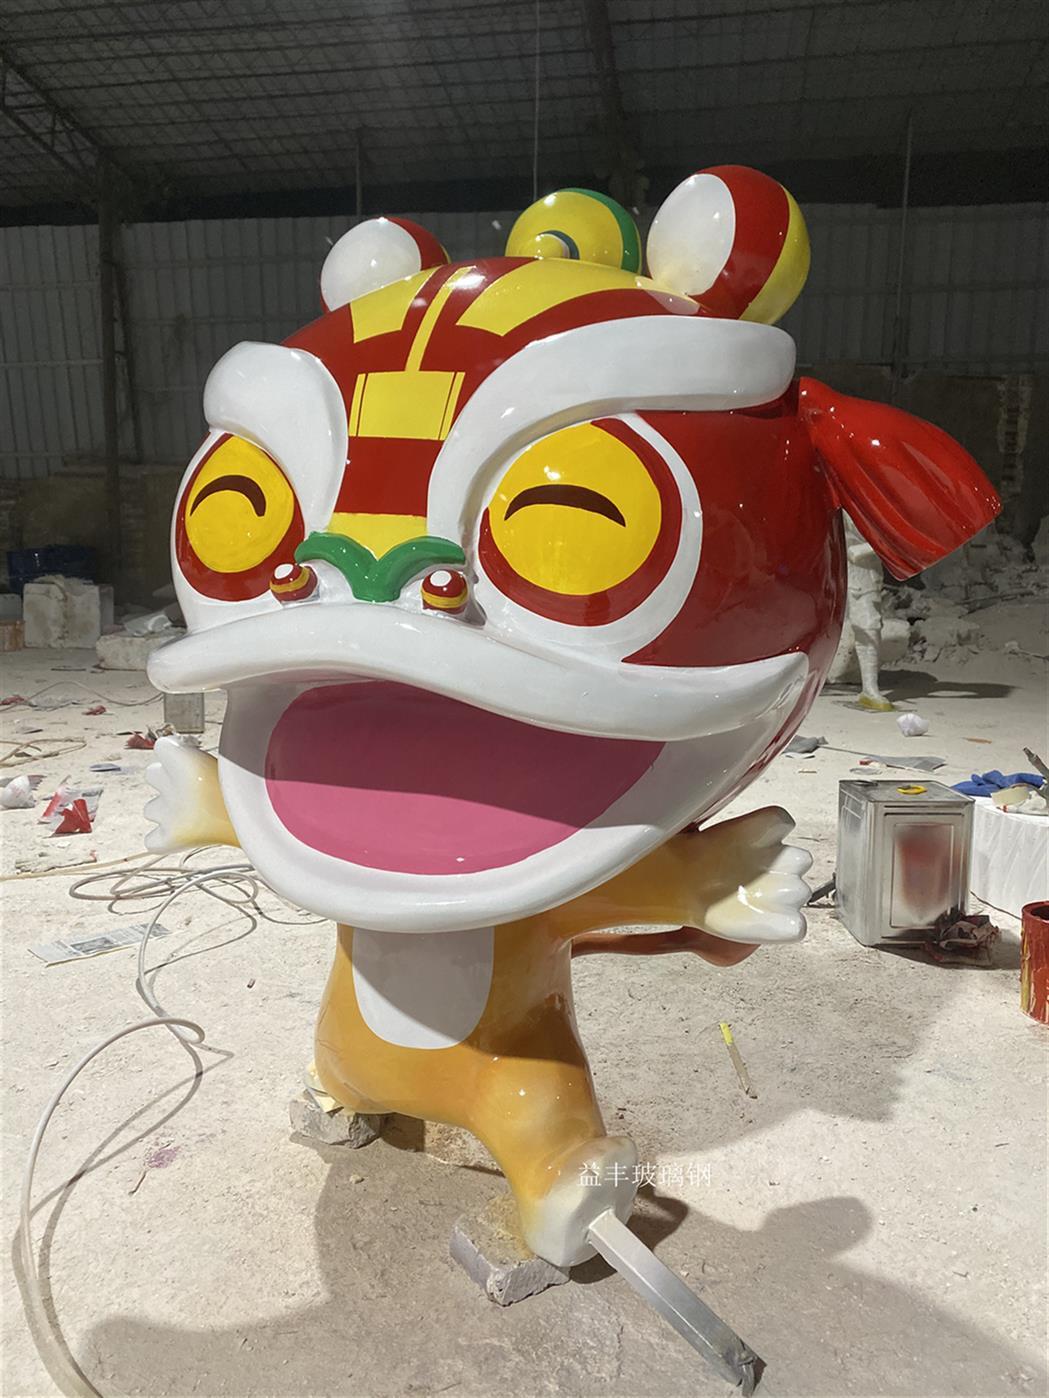 廣州玻璃鋼卡通獅子雕塑廠家 玻璃鋼主題雕塑 歡迎點擊了解咨詢